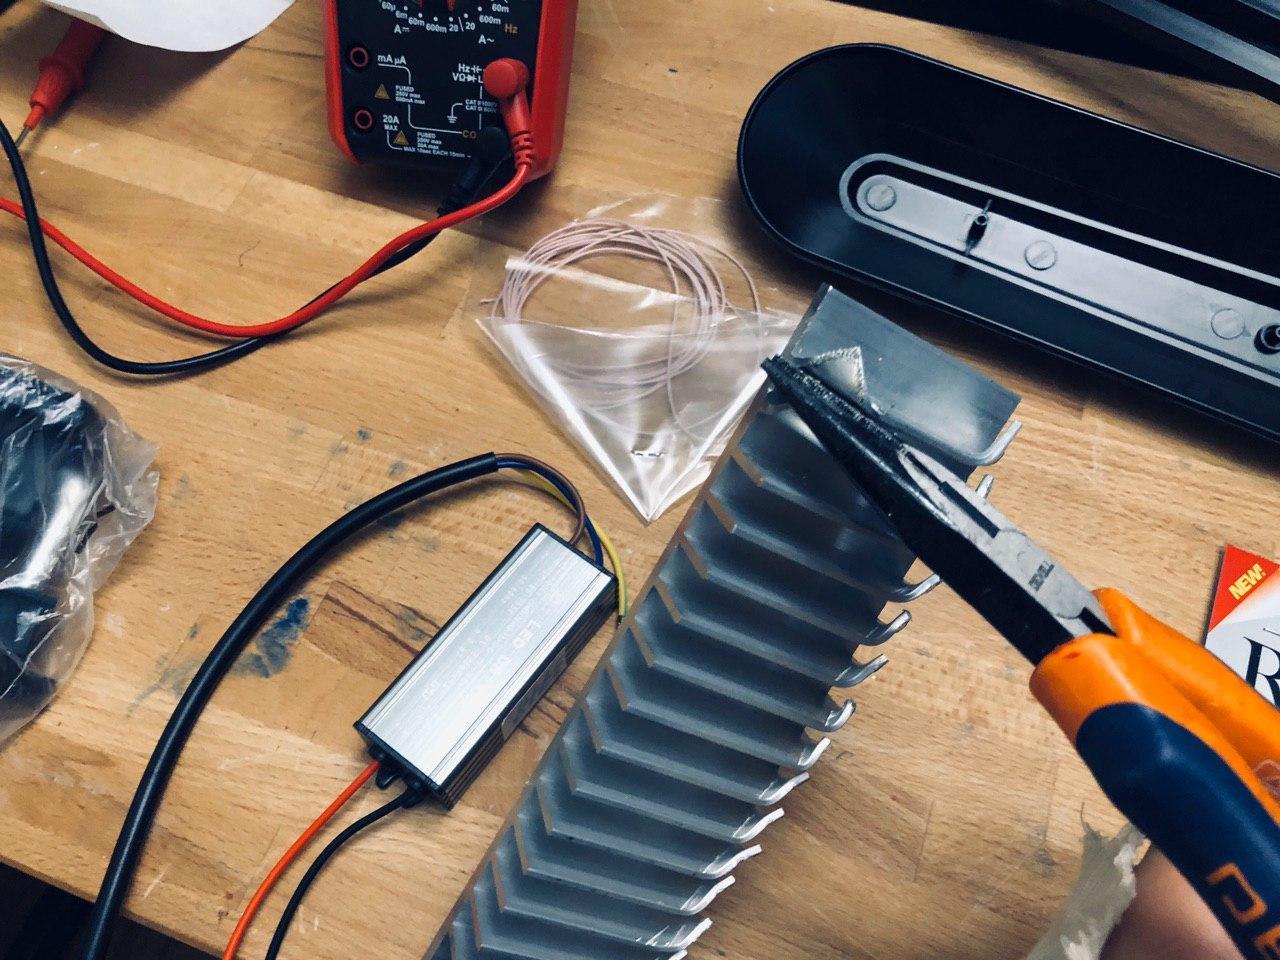 Экспресс UV лампа своими руками 400-405 нм для полимеризации 3D фотополимерных моделей - 4